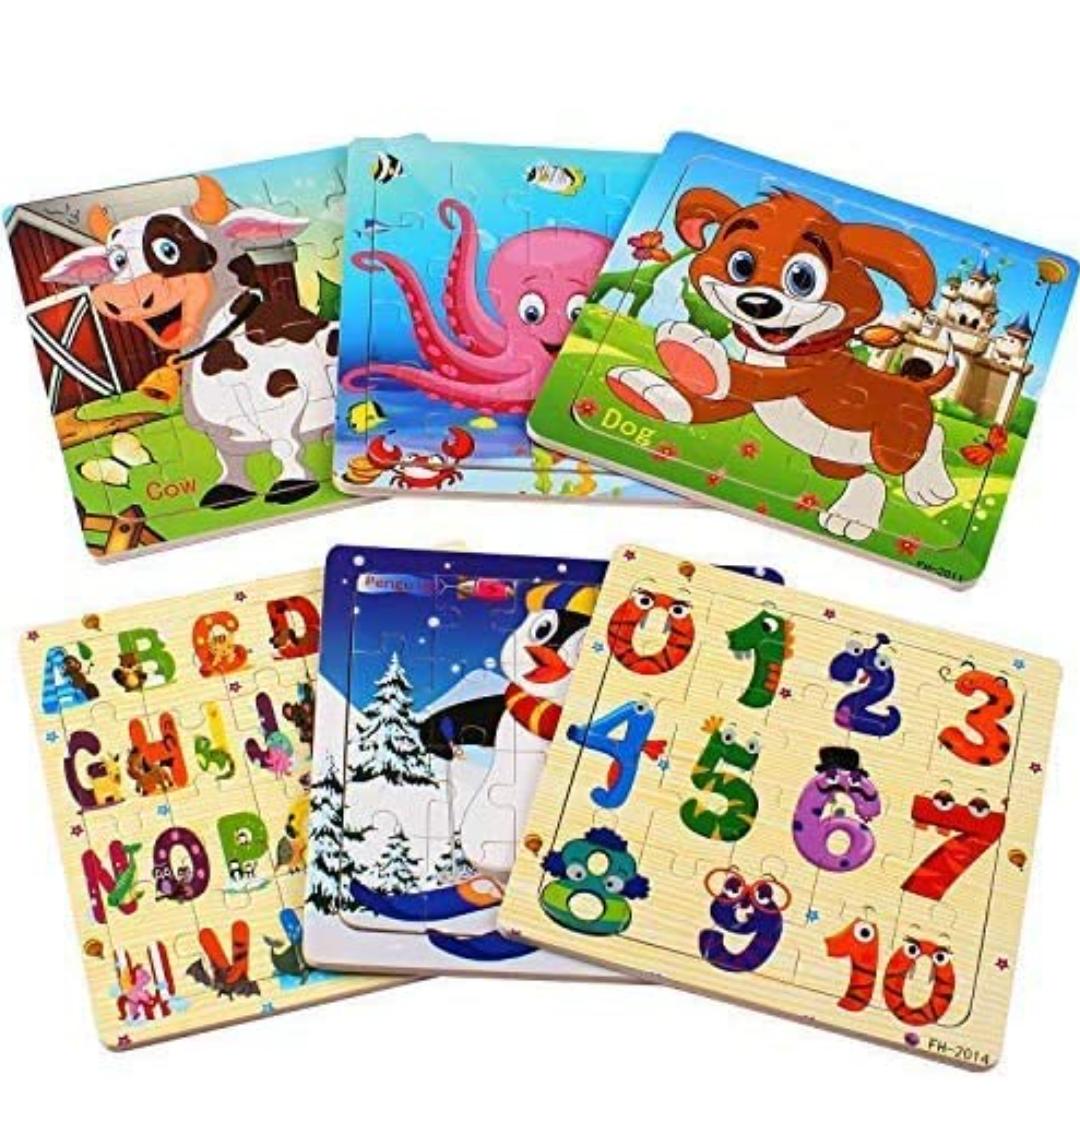 6 Puzzles de madera para niños de 20 piezas